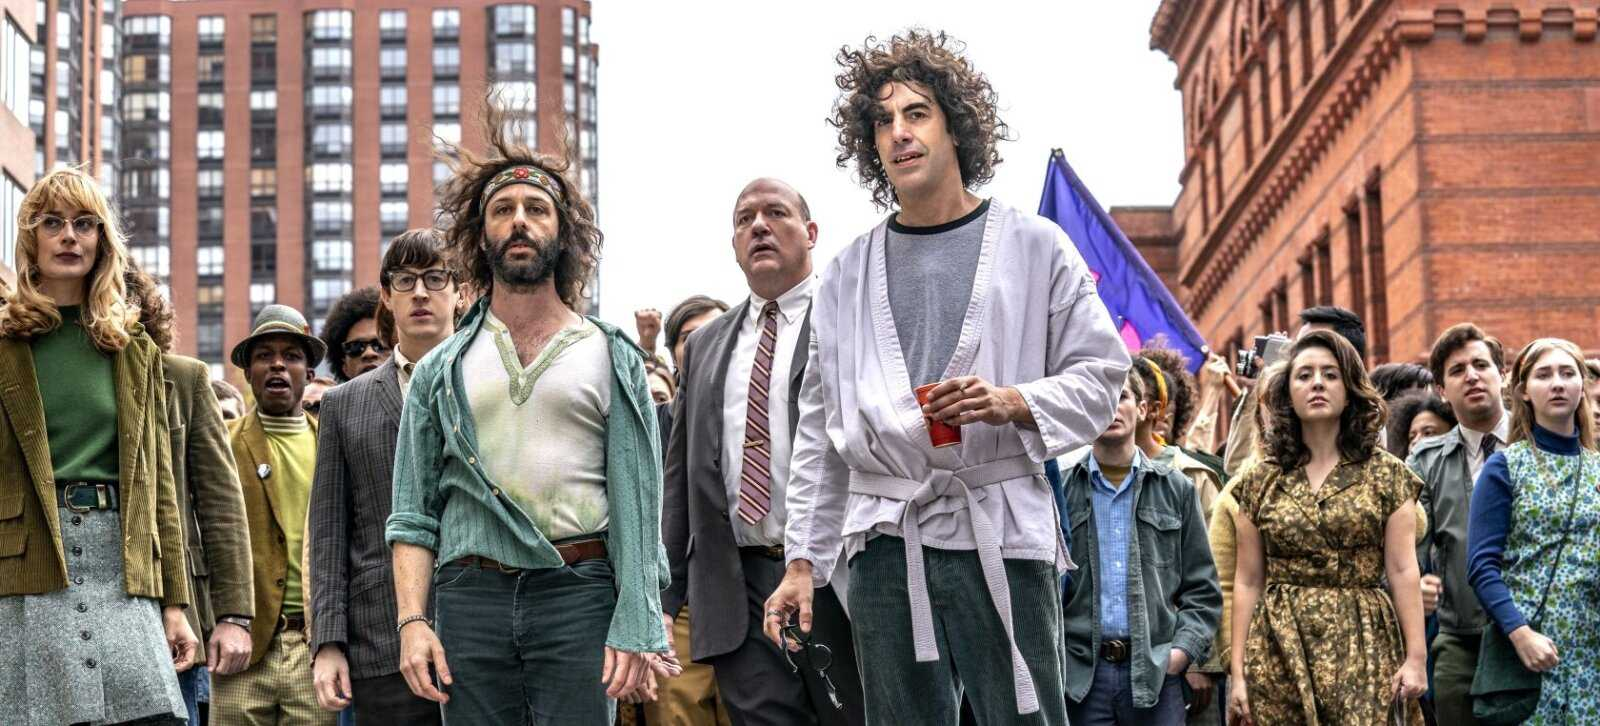 Les meilleures alternatives de Netflix à l'essai de Chicago 7